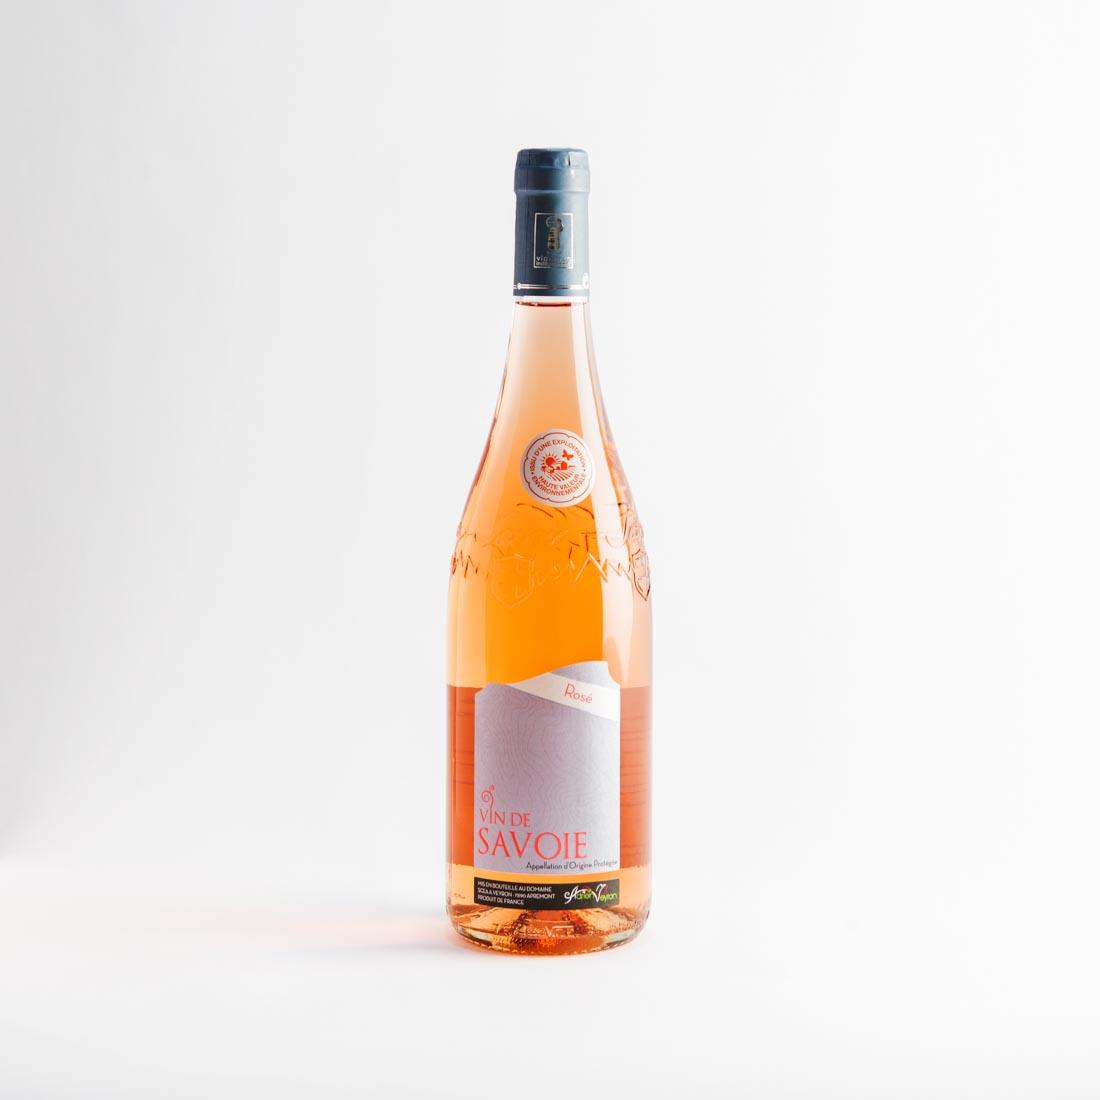 vins de savoie rose adrien veyron et fils